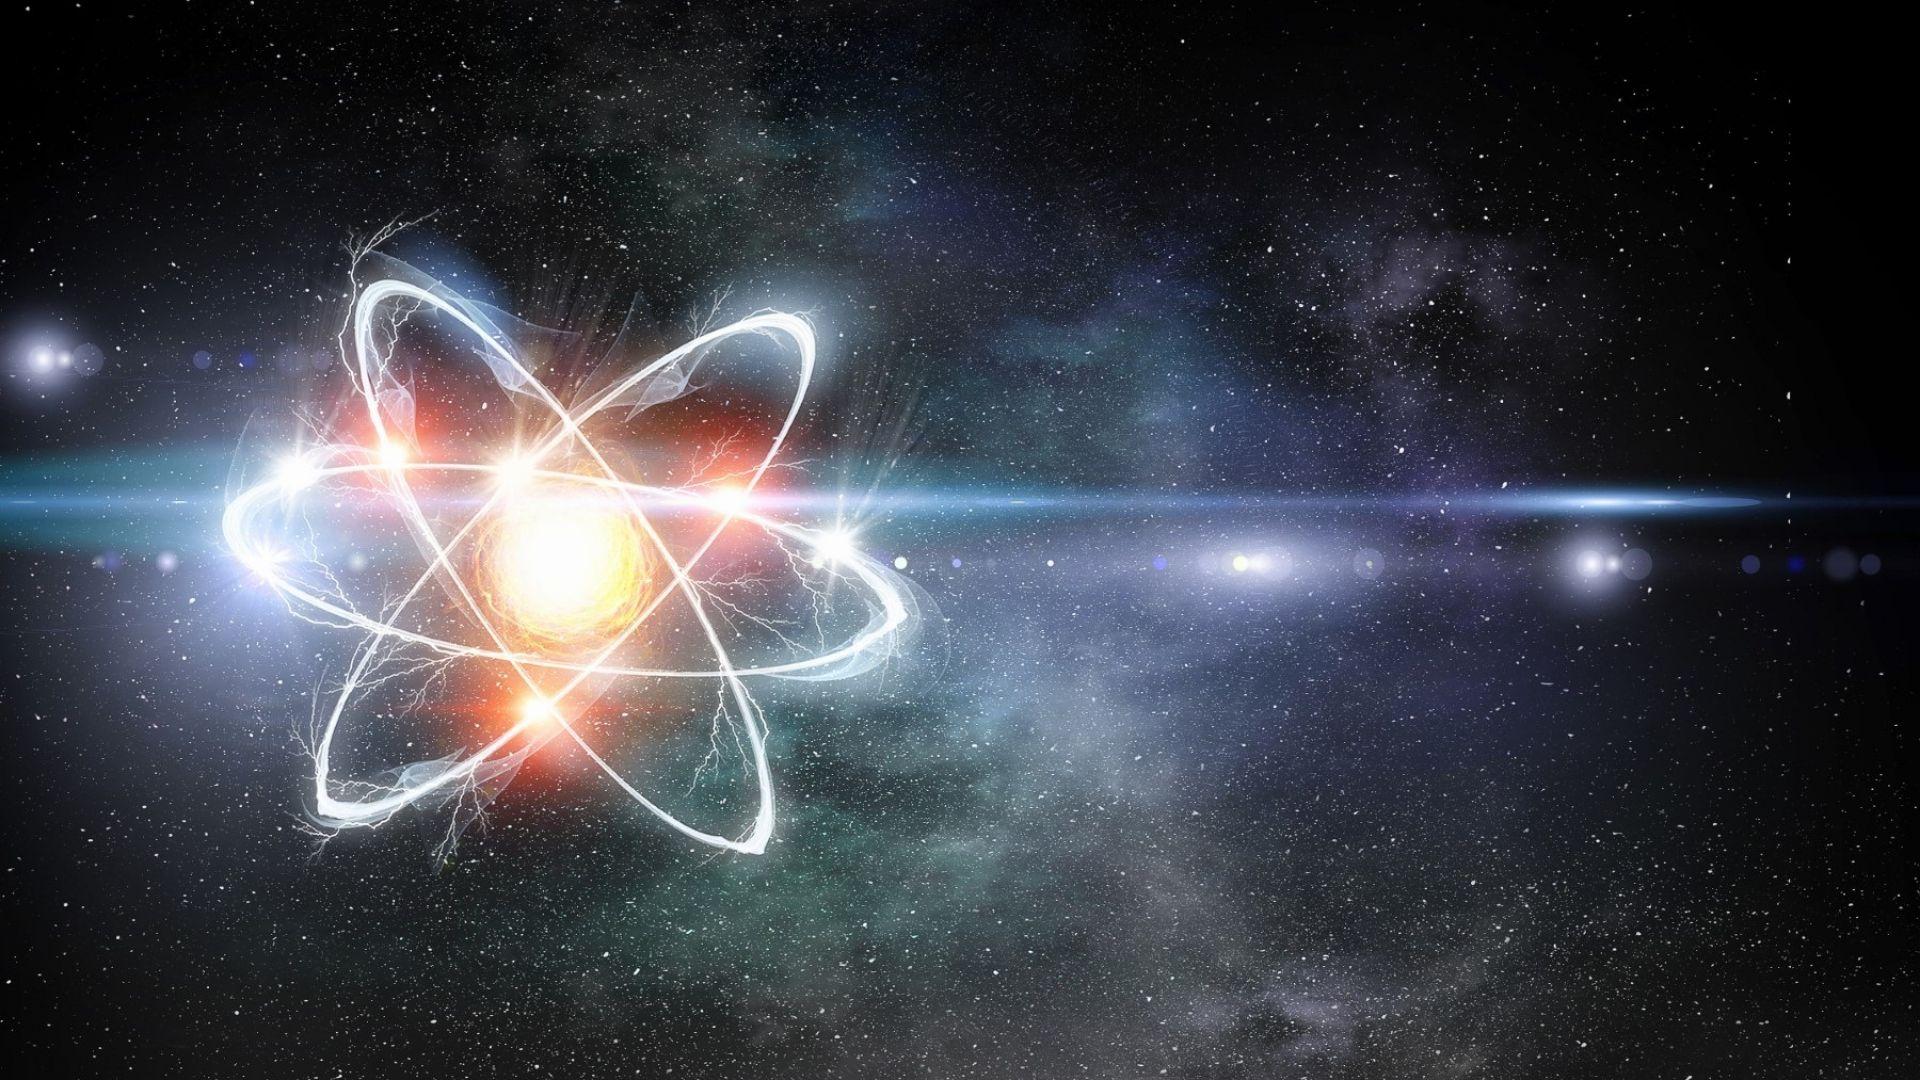 РНК може да се формира няколко пъти във Вселената